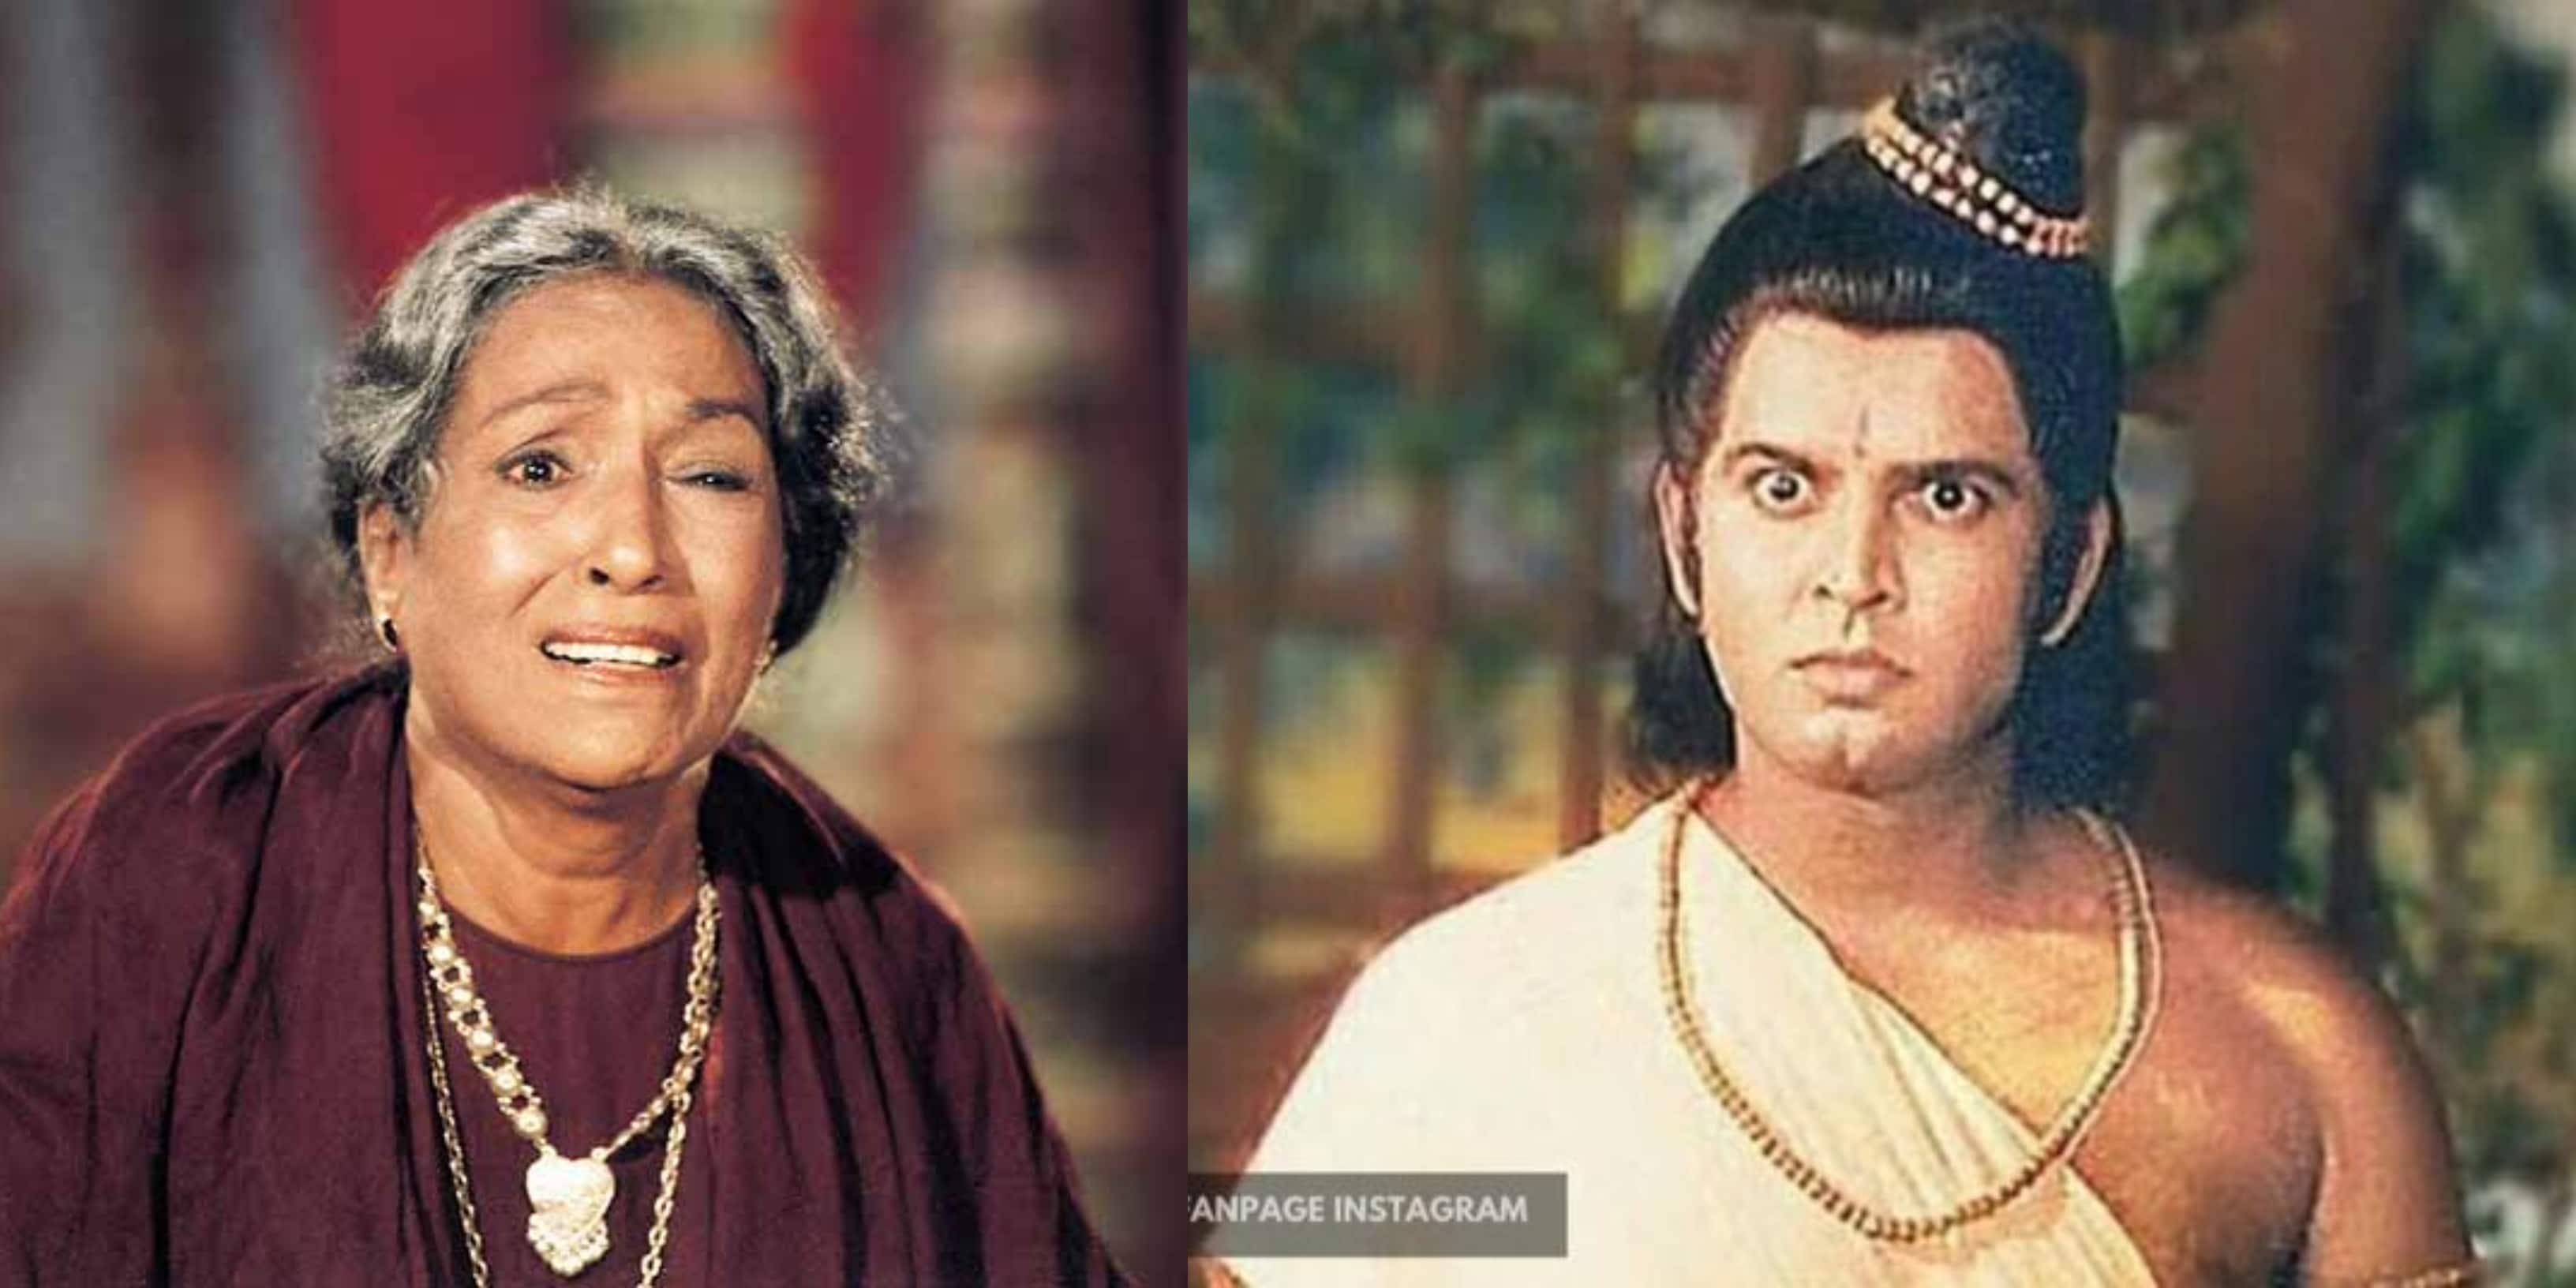 रामायण के लक्ष्मण सुनील लहरी ने बताया कैसे पैर जलने के बाद भी मंथरा ललिता पवार ने की थी शूटिंग